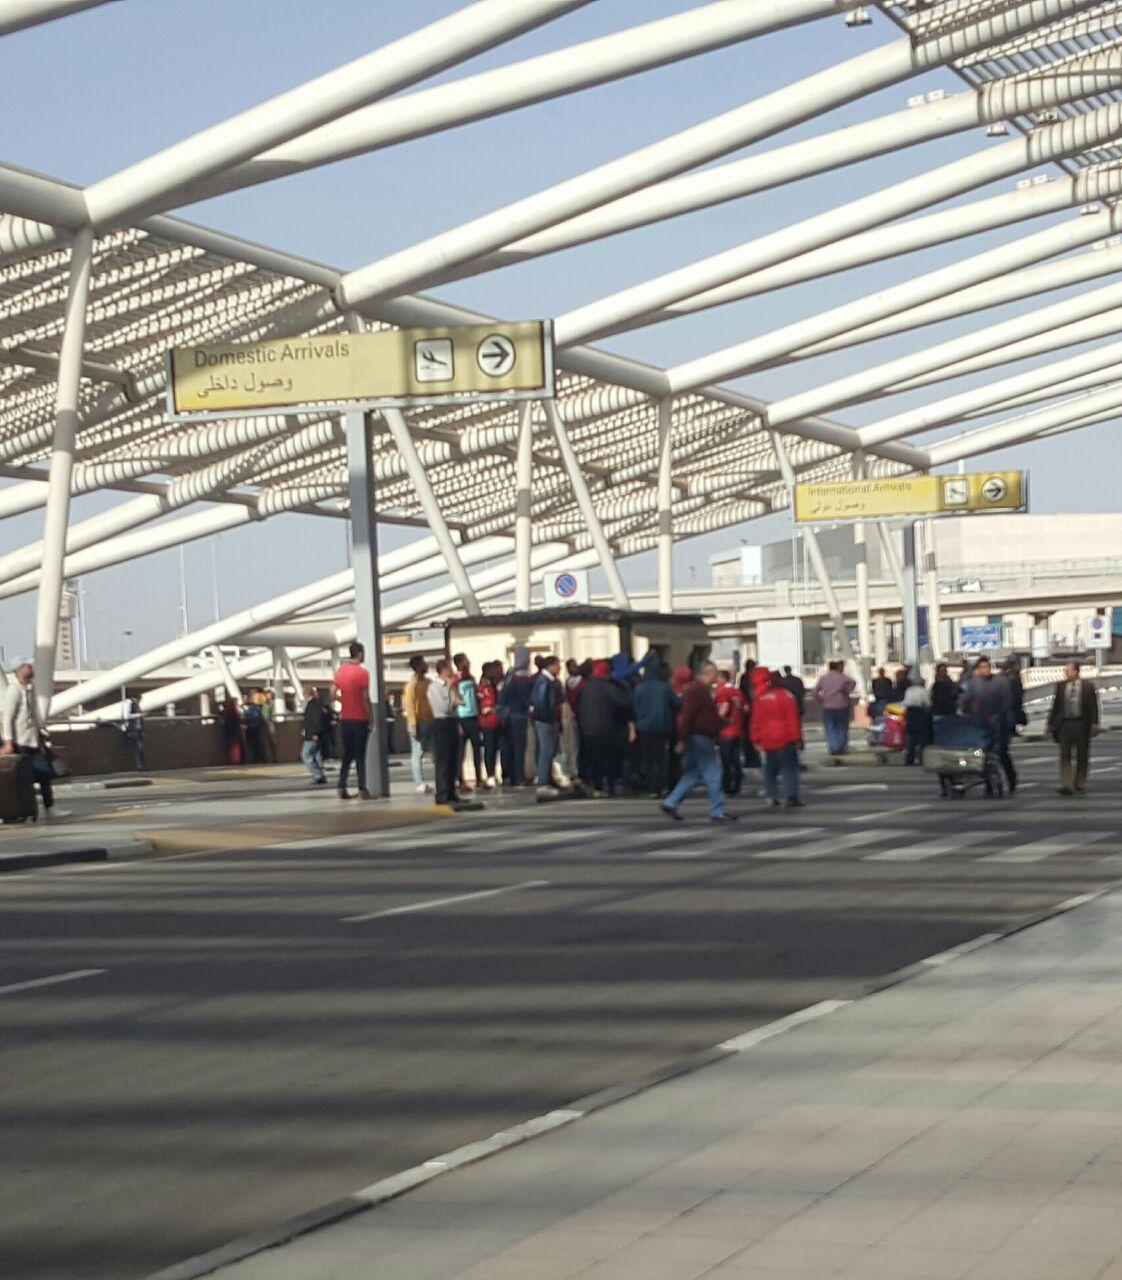 جانب من الحضور فى مطار القاهرة